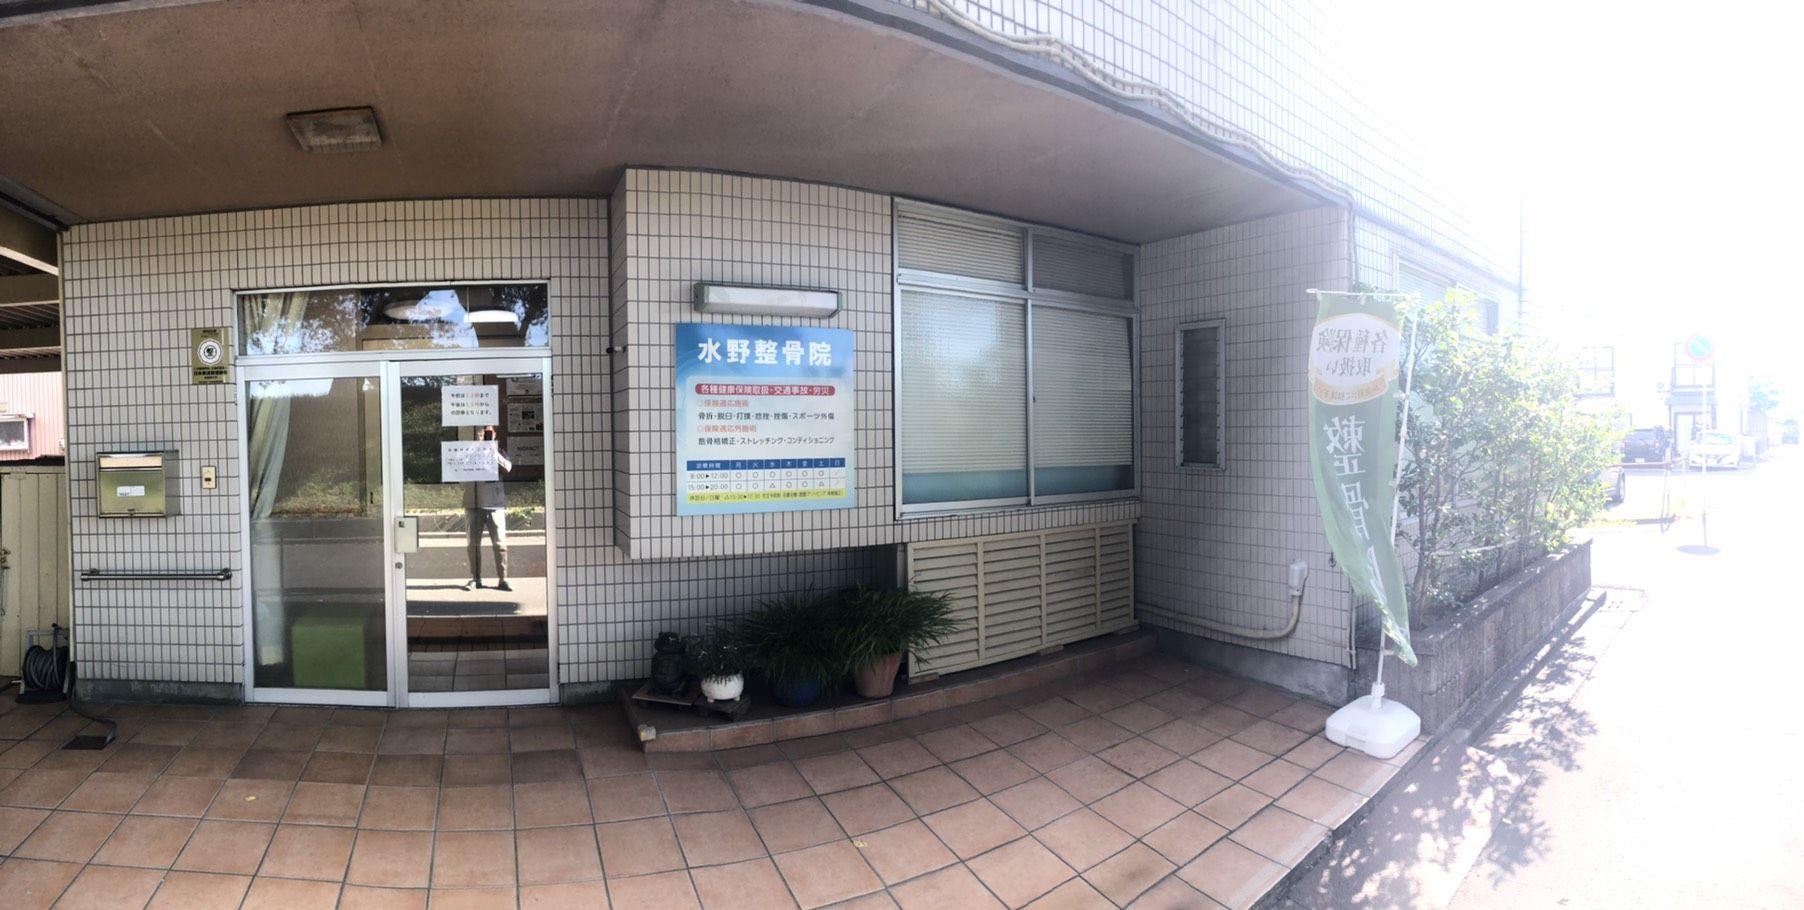 水野整骨院(福井市・外傷、首、肩、腰、膝痛)